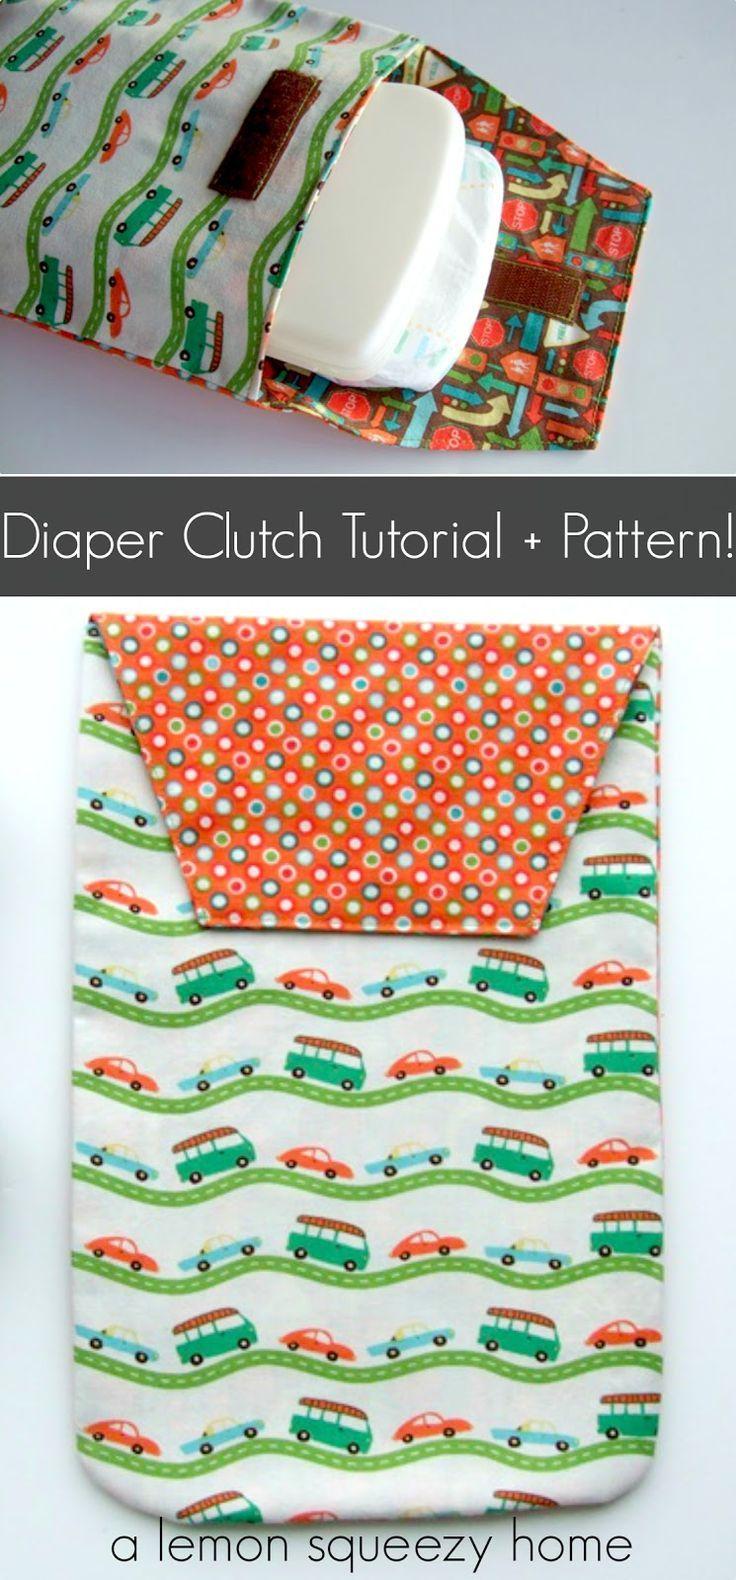 Diaper Clutch:  Free Sewing Pattern + Tutorial!